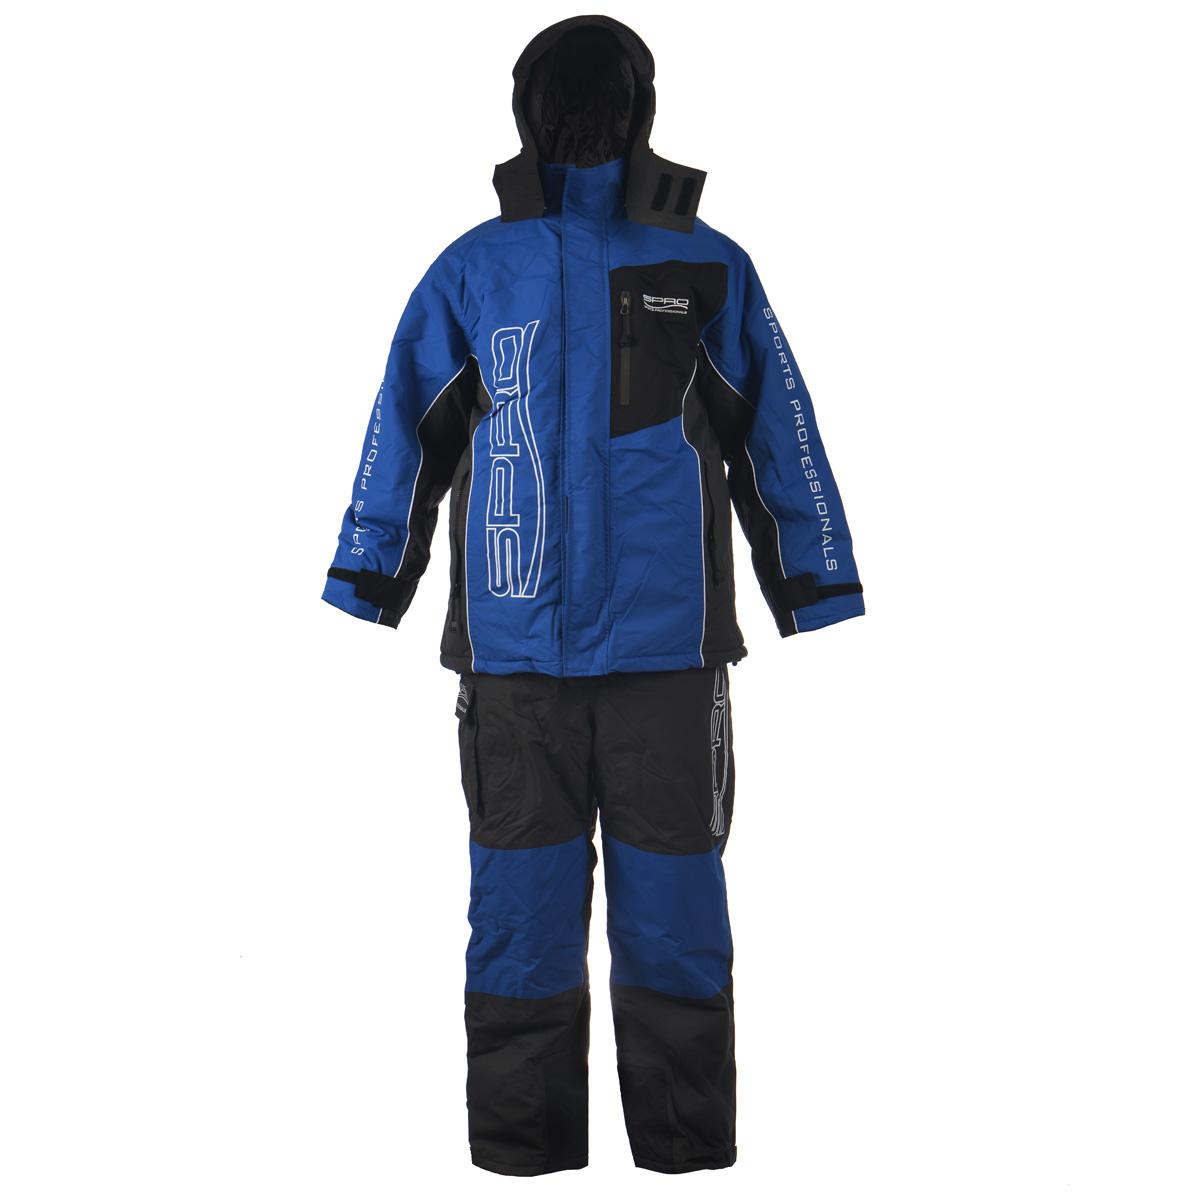 Комплект мужской: куртка, полукомбинезон. 06440840644084Теплый мужской комплект Spro, состоящий из куртки и полукомбинезона, предназначен для активного отдыха на природе в холодное время года. Материал верха Nylon Taslan 320; водонепроницаемость 5000 мм; паропроницаемость 5000 г/м2/сут; утеплитель куртки 180 г/м2; утеплитель полукомбинезона 160 г/м2. Куртка с капюшоном застегивается на пластиковую застежку-молнию с двойным бегунком и дополнительно имеет две внешних планки, застегивающихся на липучки. Предусмотрен капюшон, пристегивающийся с помощью застежек-кнопок и дополненный эластичным шнурком на стопперах. Капюшон фиксируется под подбородком клапаном на липучки. Для большего комфорта основная подкладка выполнена из мягкого и теплого флиса. Рукава дополнены внутренними эластичными манжетами с хлястиками на липучках, а также внешними хлястиками на липучках, с помощью которых можно регулировать обхват рукавов понизу. На груди предусмотрен вместительный прорезной карман на застежке-молнии, также спереди имеется еще один прорезной...